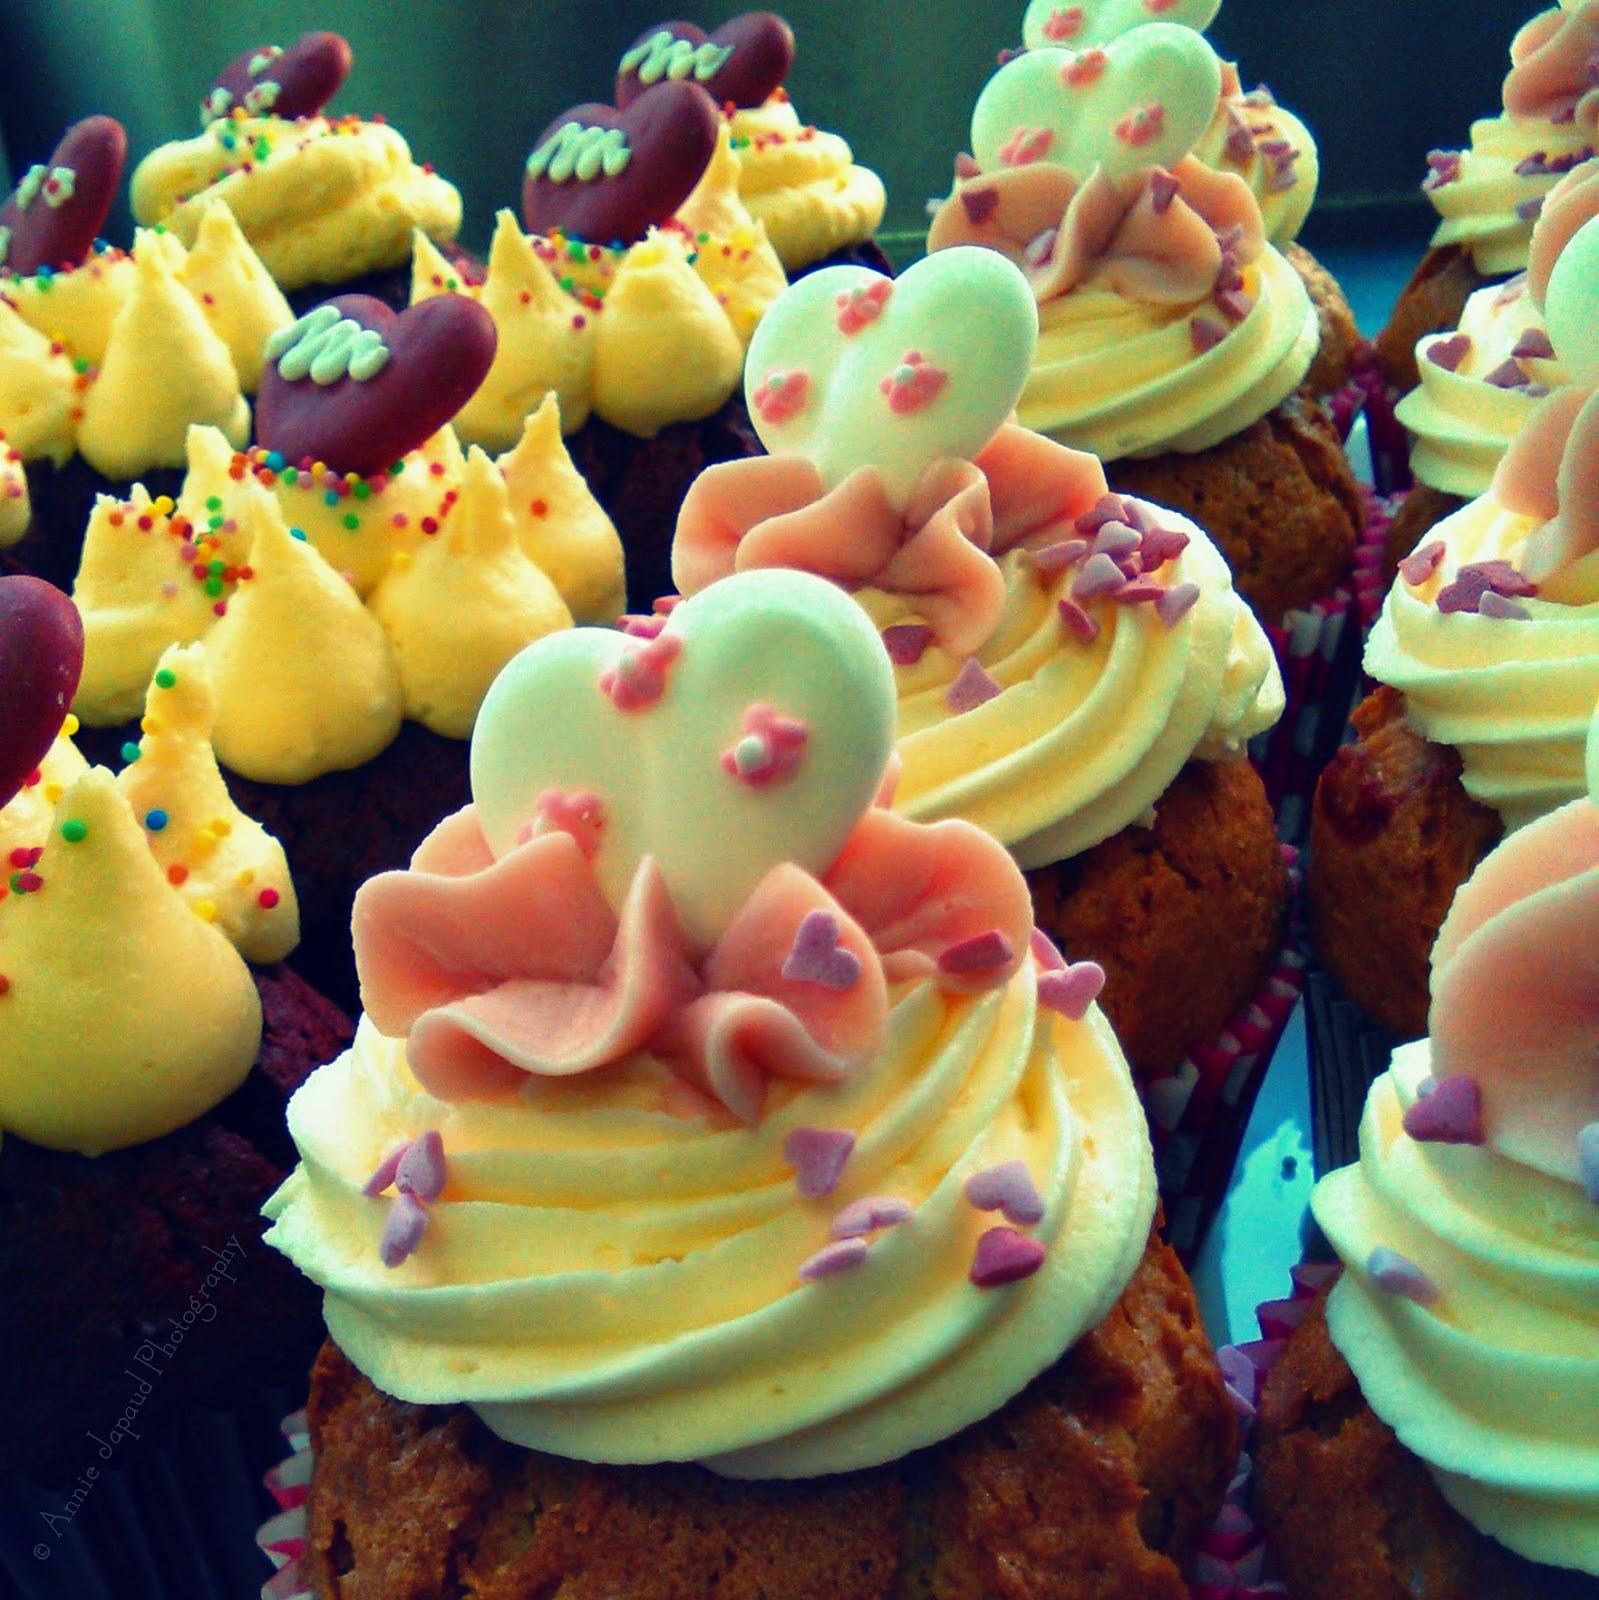 cupcakes up close